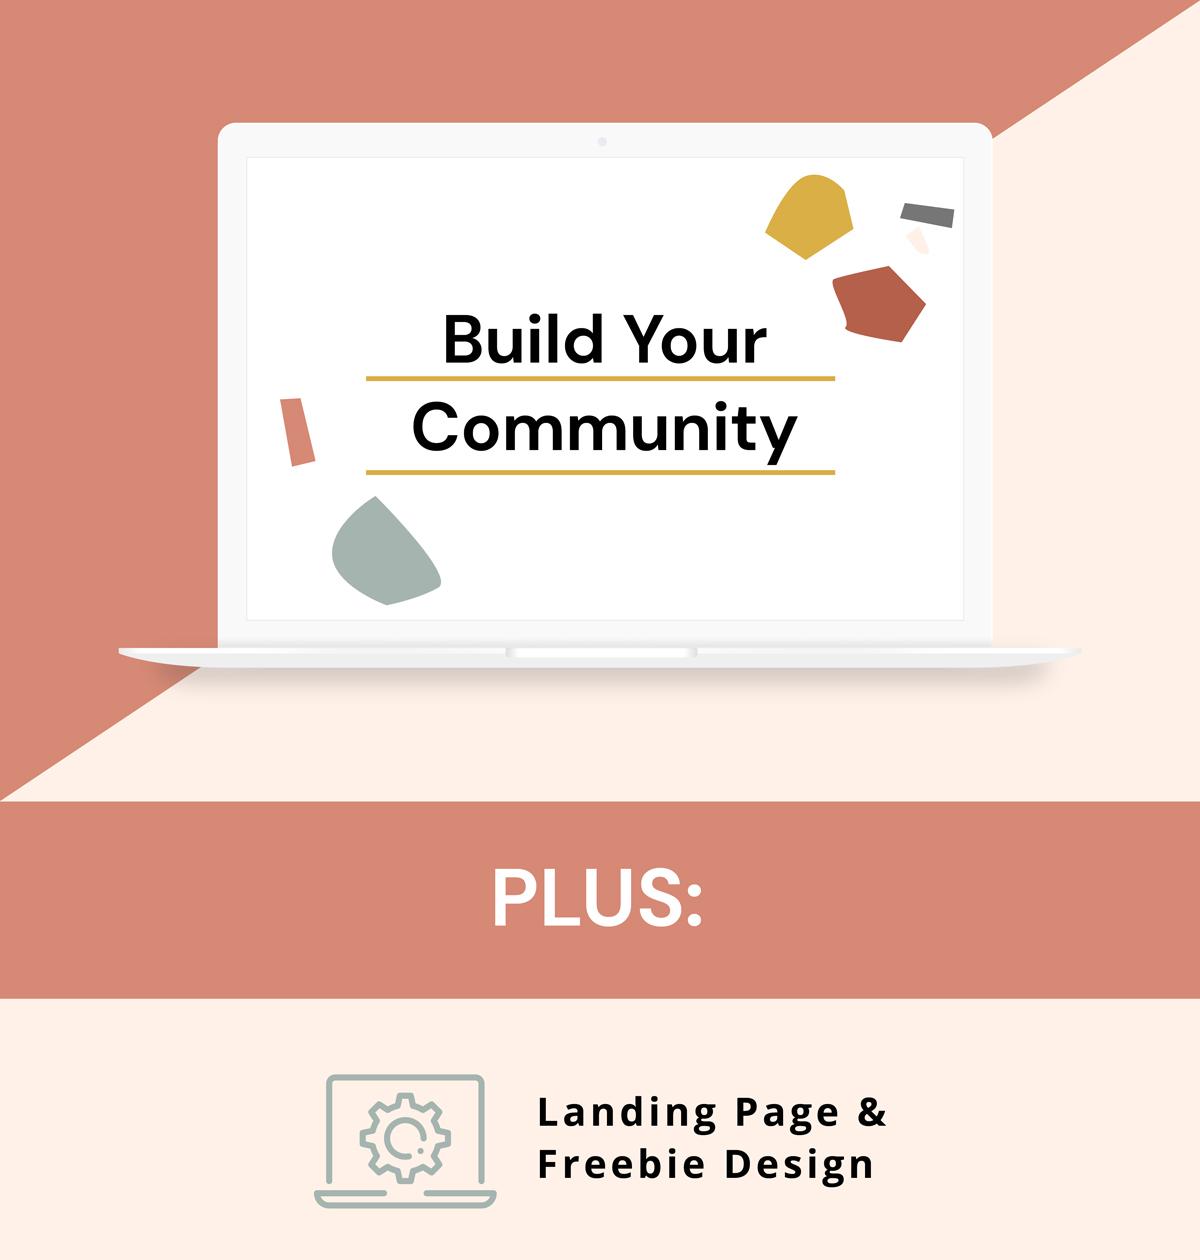 Build Your Community Plus